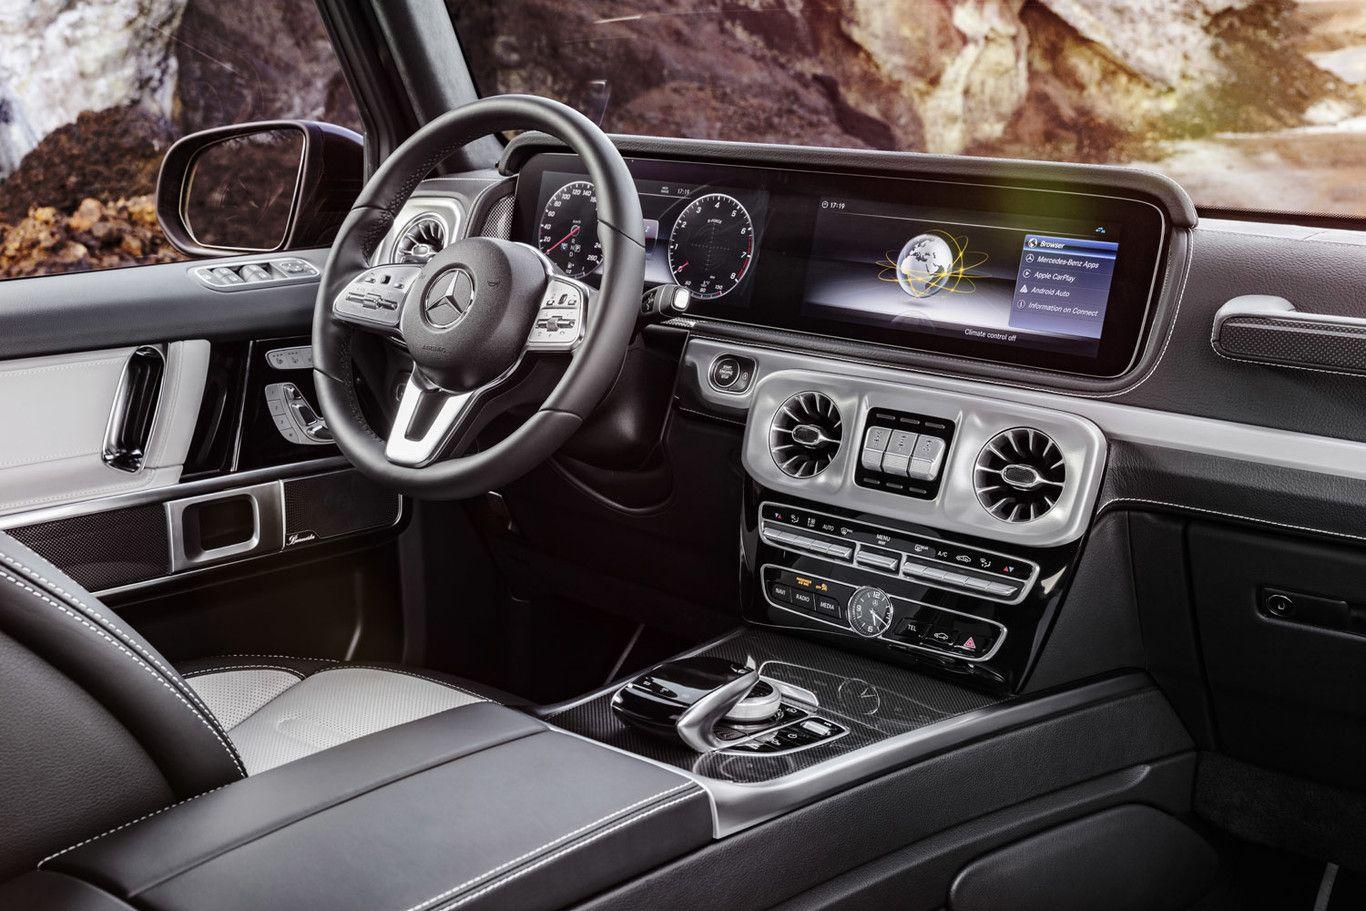 Por Fin Así Es El Mercedes Benz Clase G 2018 Más Todoterreno Que Nunca Pero Tan G Como Siempre Mercedes Benz G Class Mercedes G Wagon Interior Mercedes G Class